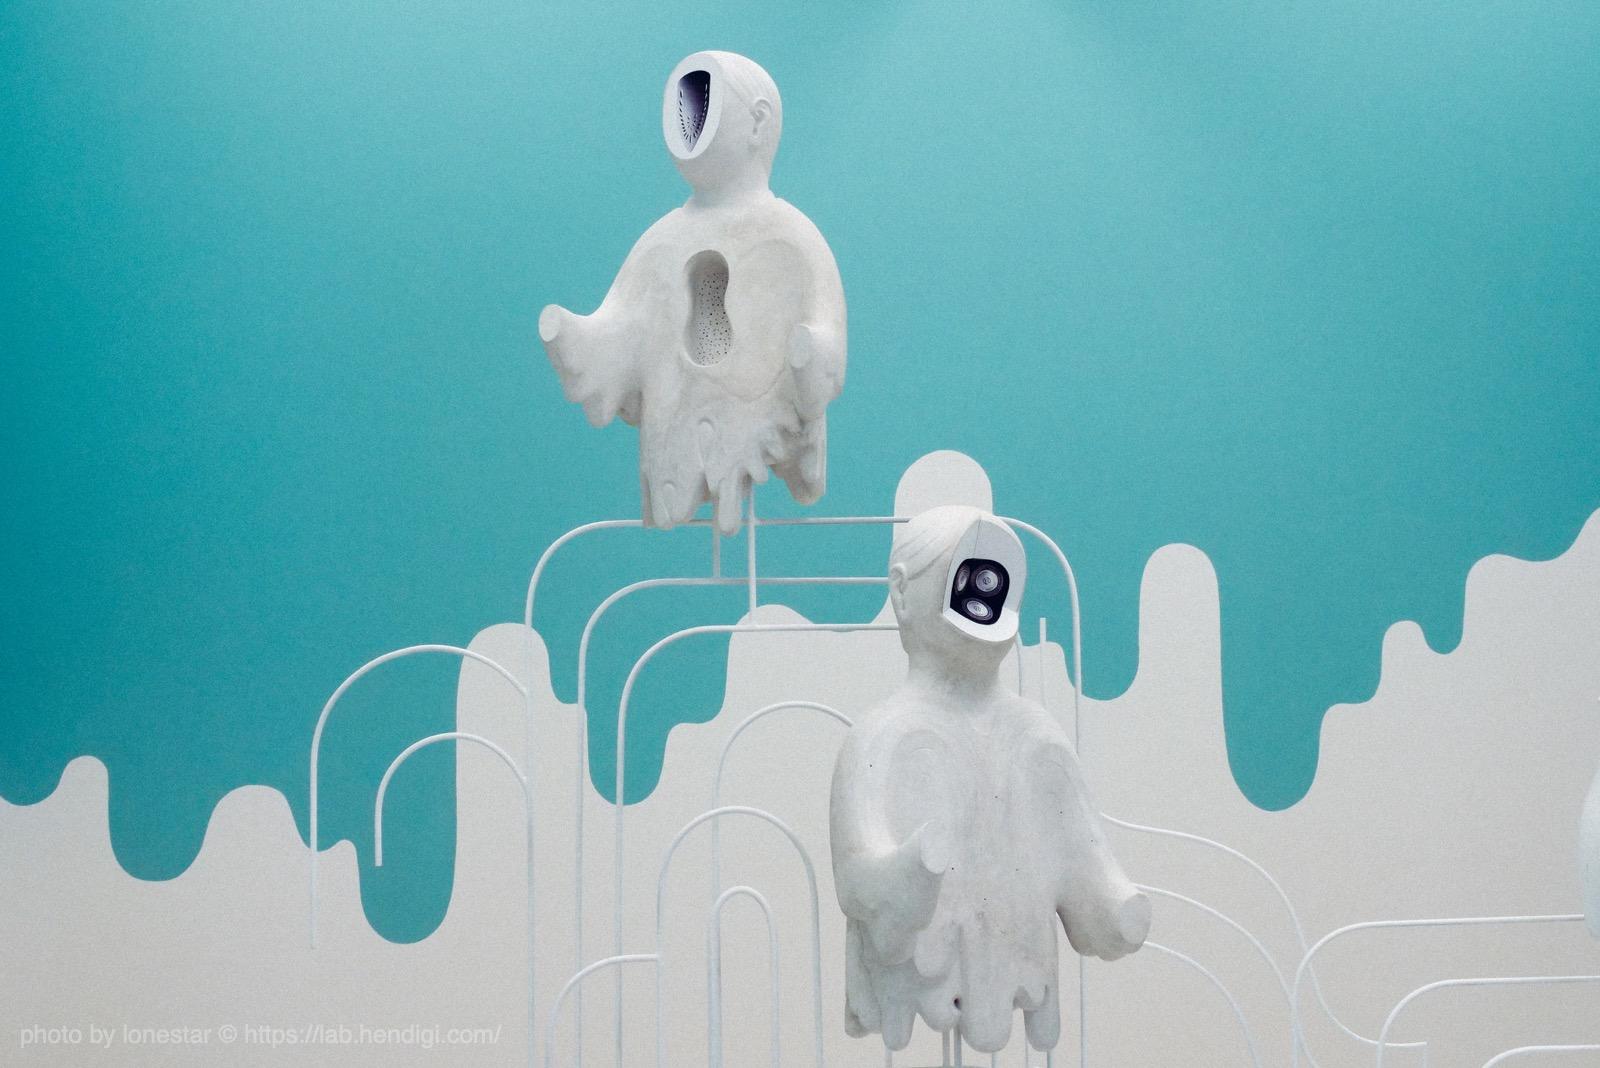 あいちトリエンナーレ 2019 展示作品